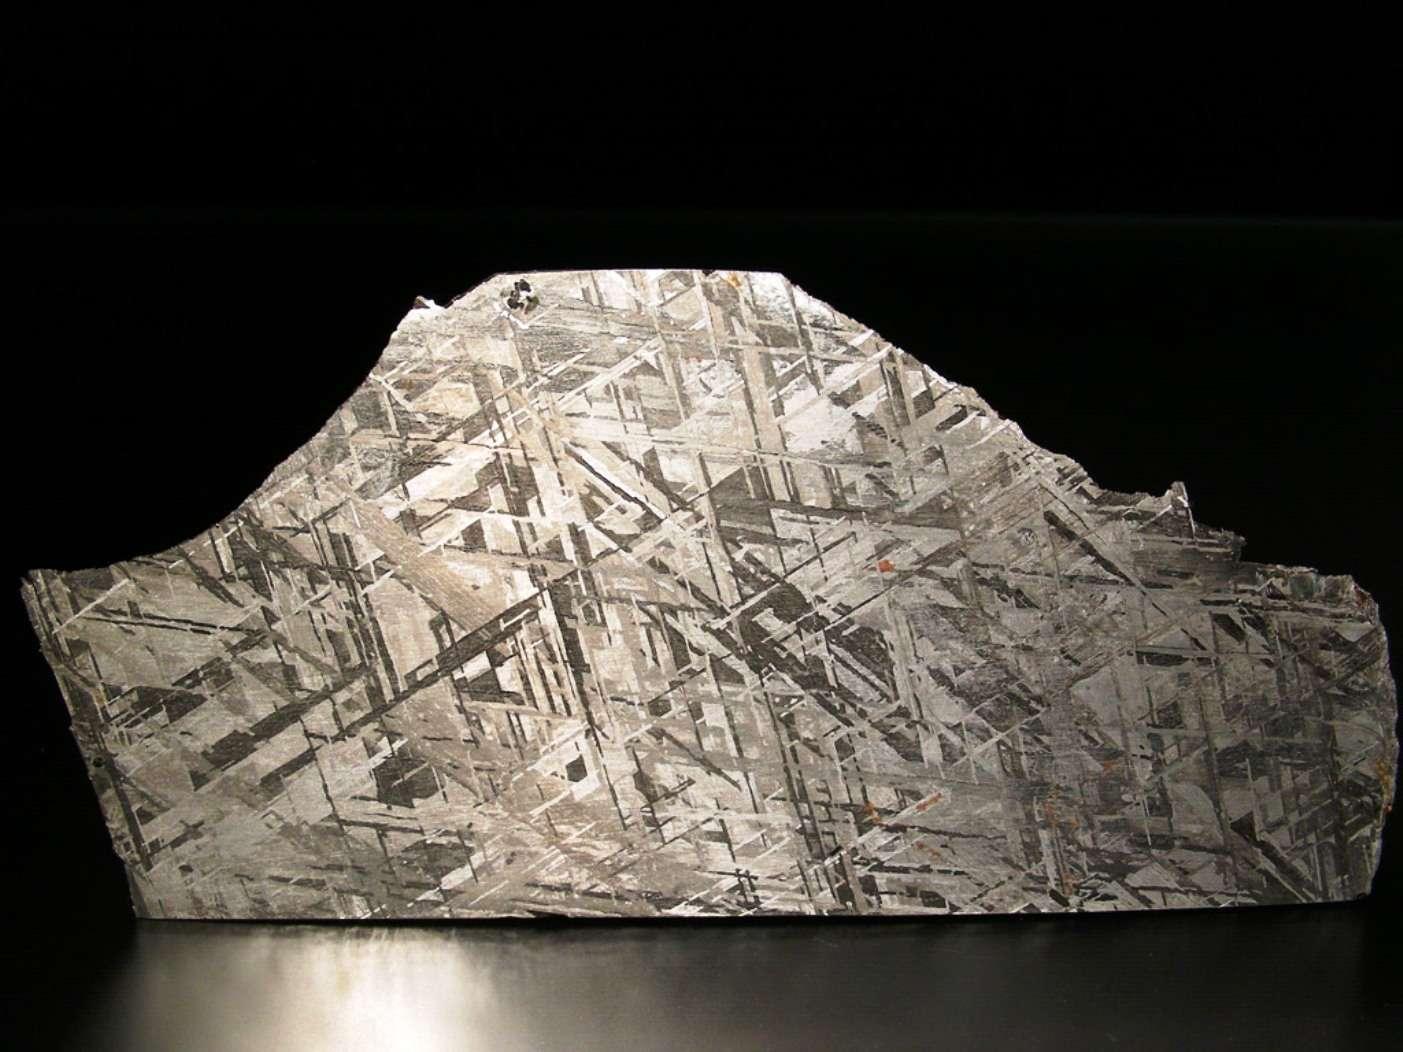 Une coupe de la météorite Gibeon, une sidérite octaédrite classée IV A, trouvée en Namibie en 1836. La belle structure de ses figures de Widmanstätten et son excellent état de conservation en font la météorite la plus utilisée en bijouterie. Elle est surtout très précieuse pour les géologues car elle donne des indices sur l'aspect du noyau en fer et en nickel de la Terre. Ces météorites pourraient être des vestiges des noyaux de petites planètes. © L. Carion, carionmineraux.com